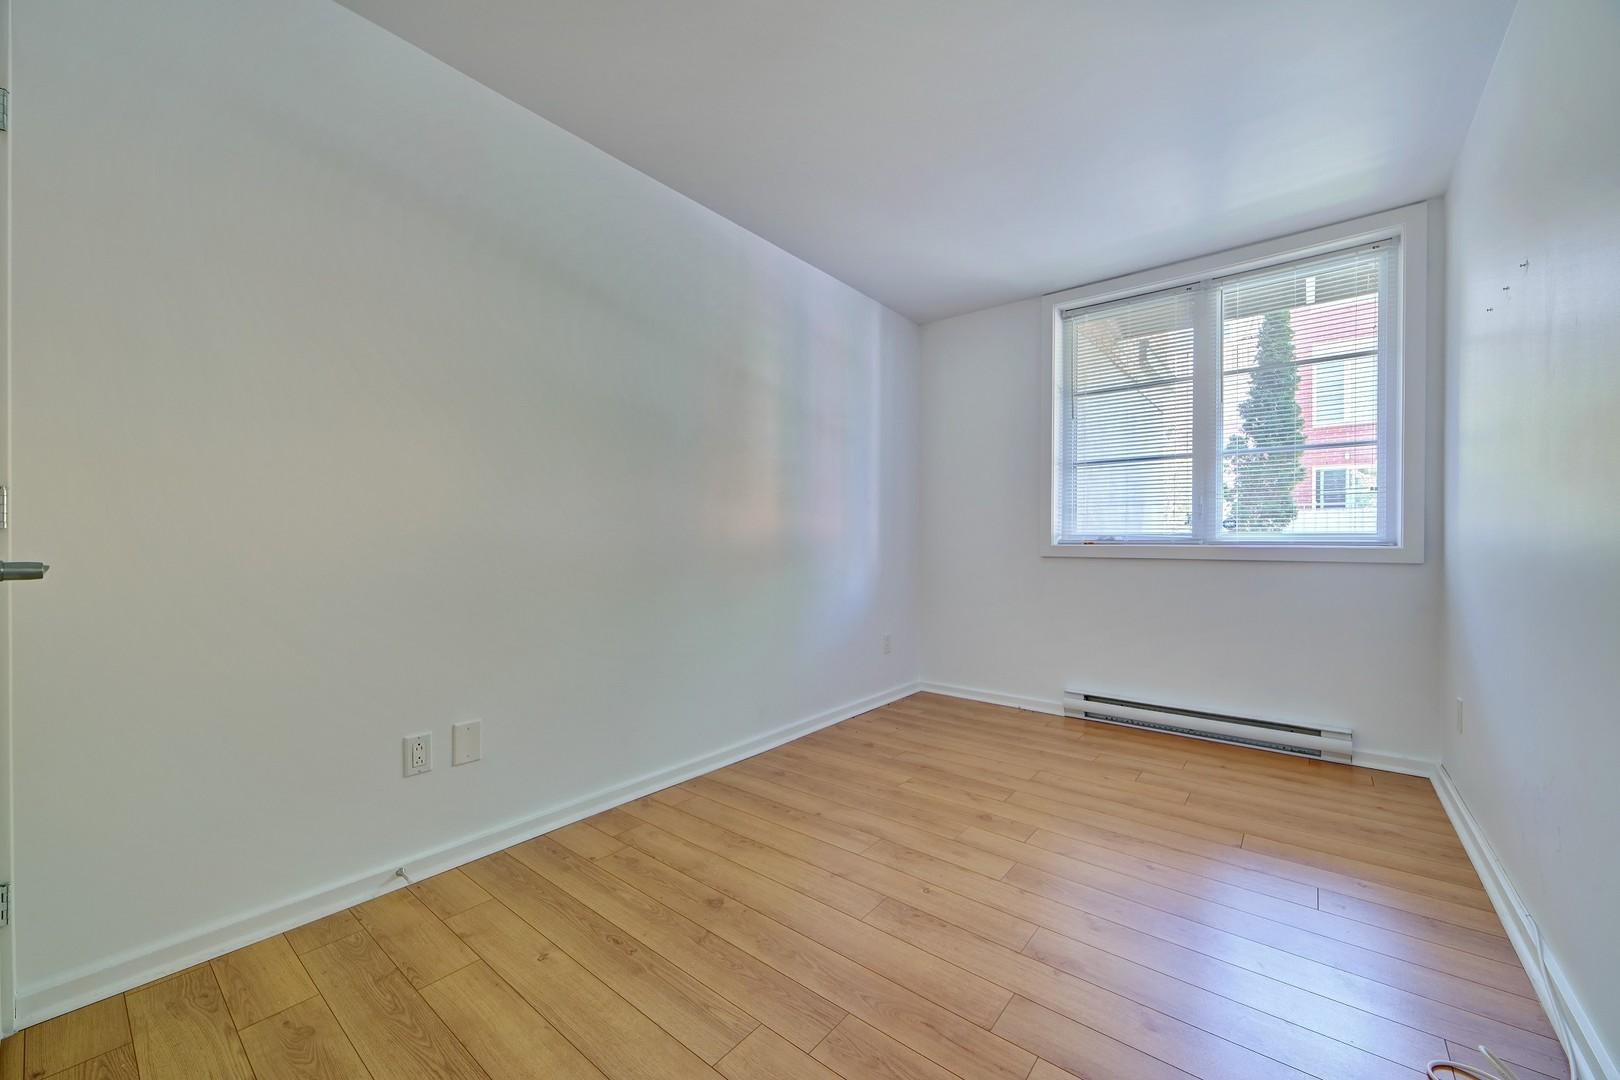 image 4 - Condo - For rent - Montréal  (Rivière-des-Prairies) - 4 rooms